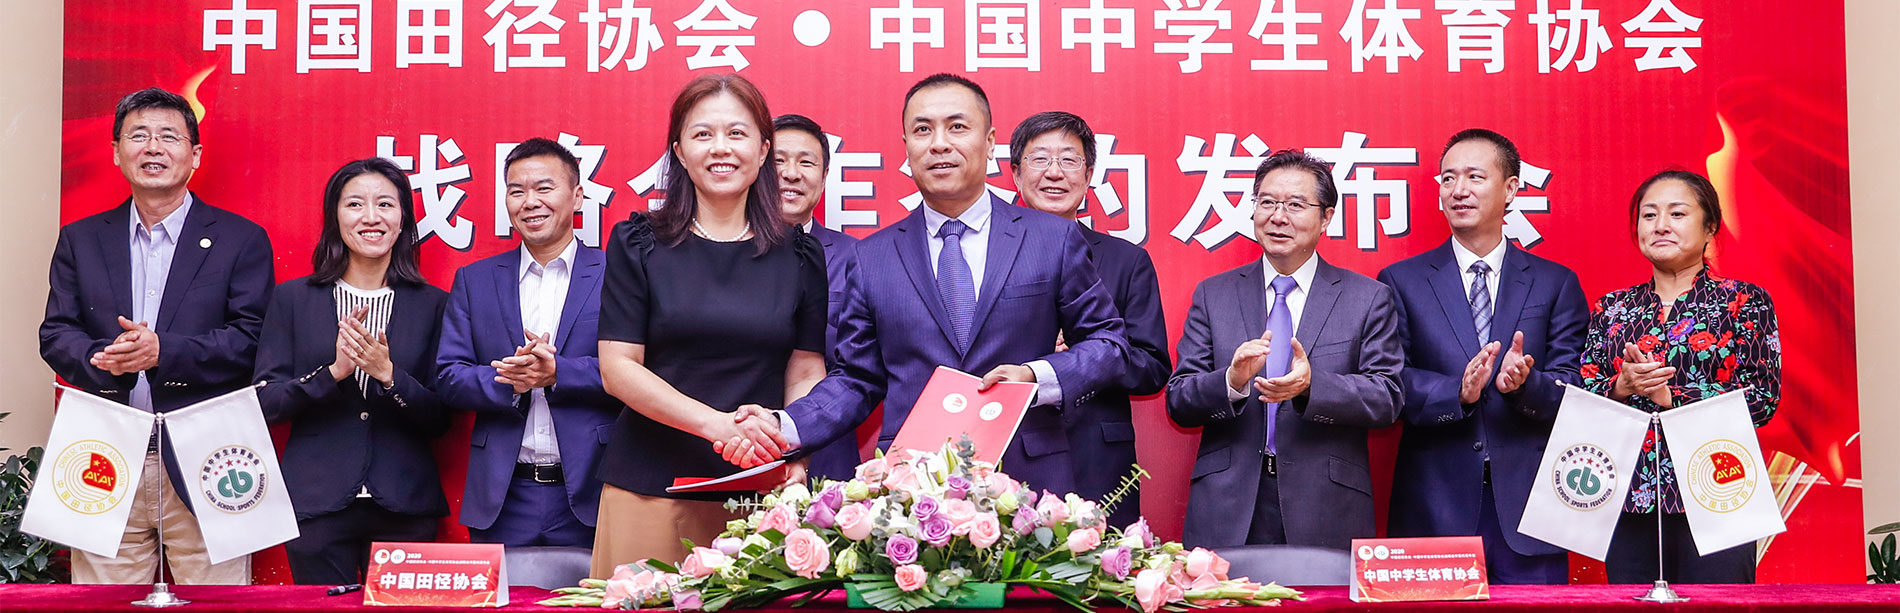 中国杏耀协会与中学生体协签订战略合作 描绘体教融合新蓝图